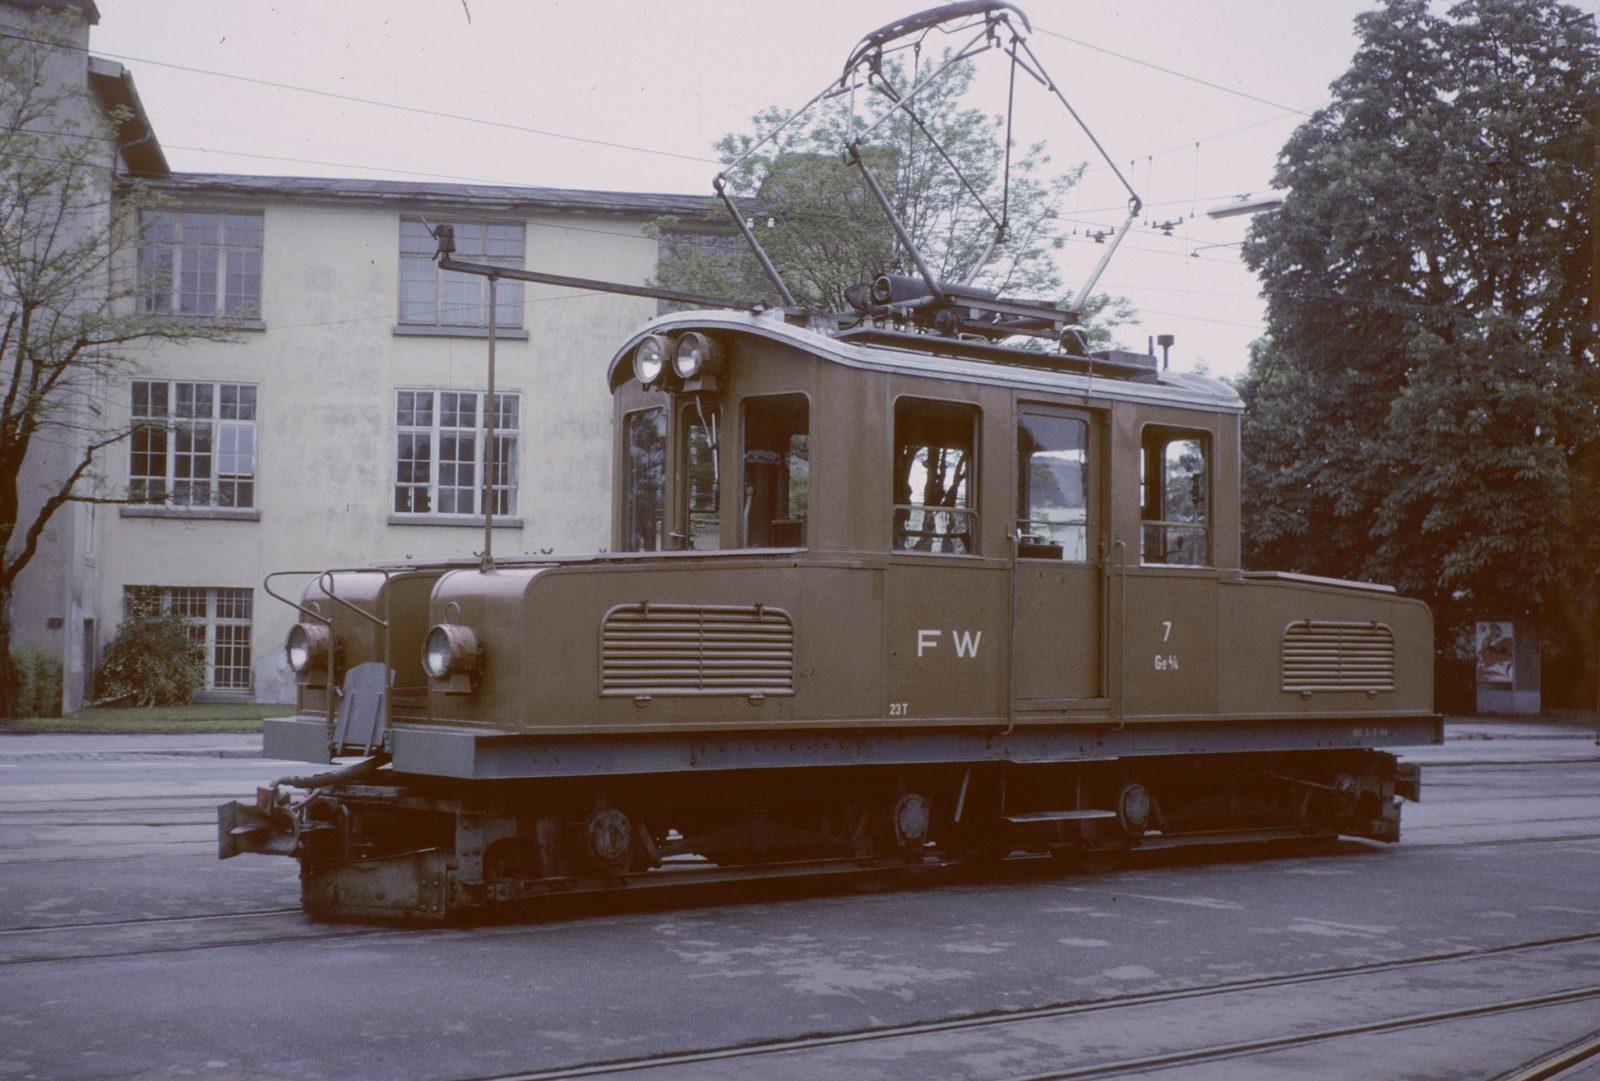 Güterlokomotive Frauenfeld Wil Bahn